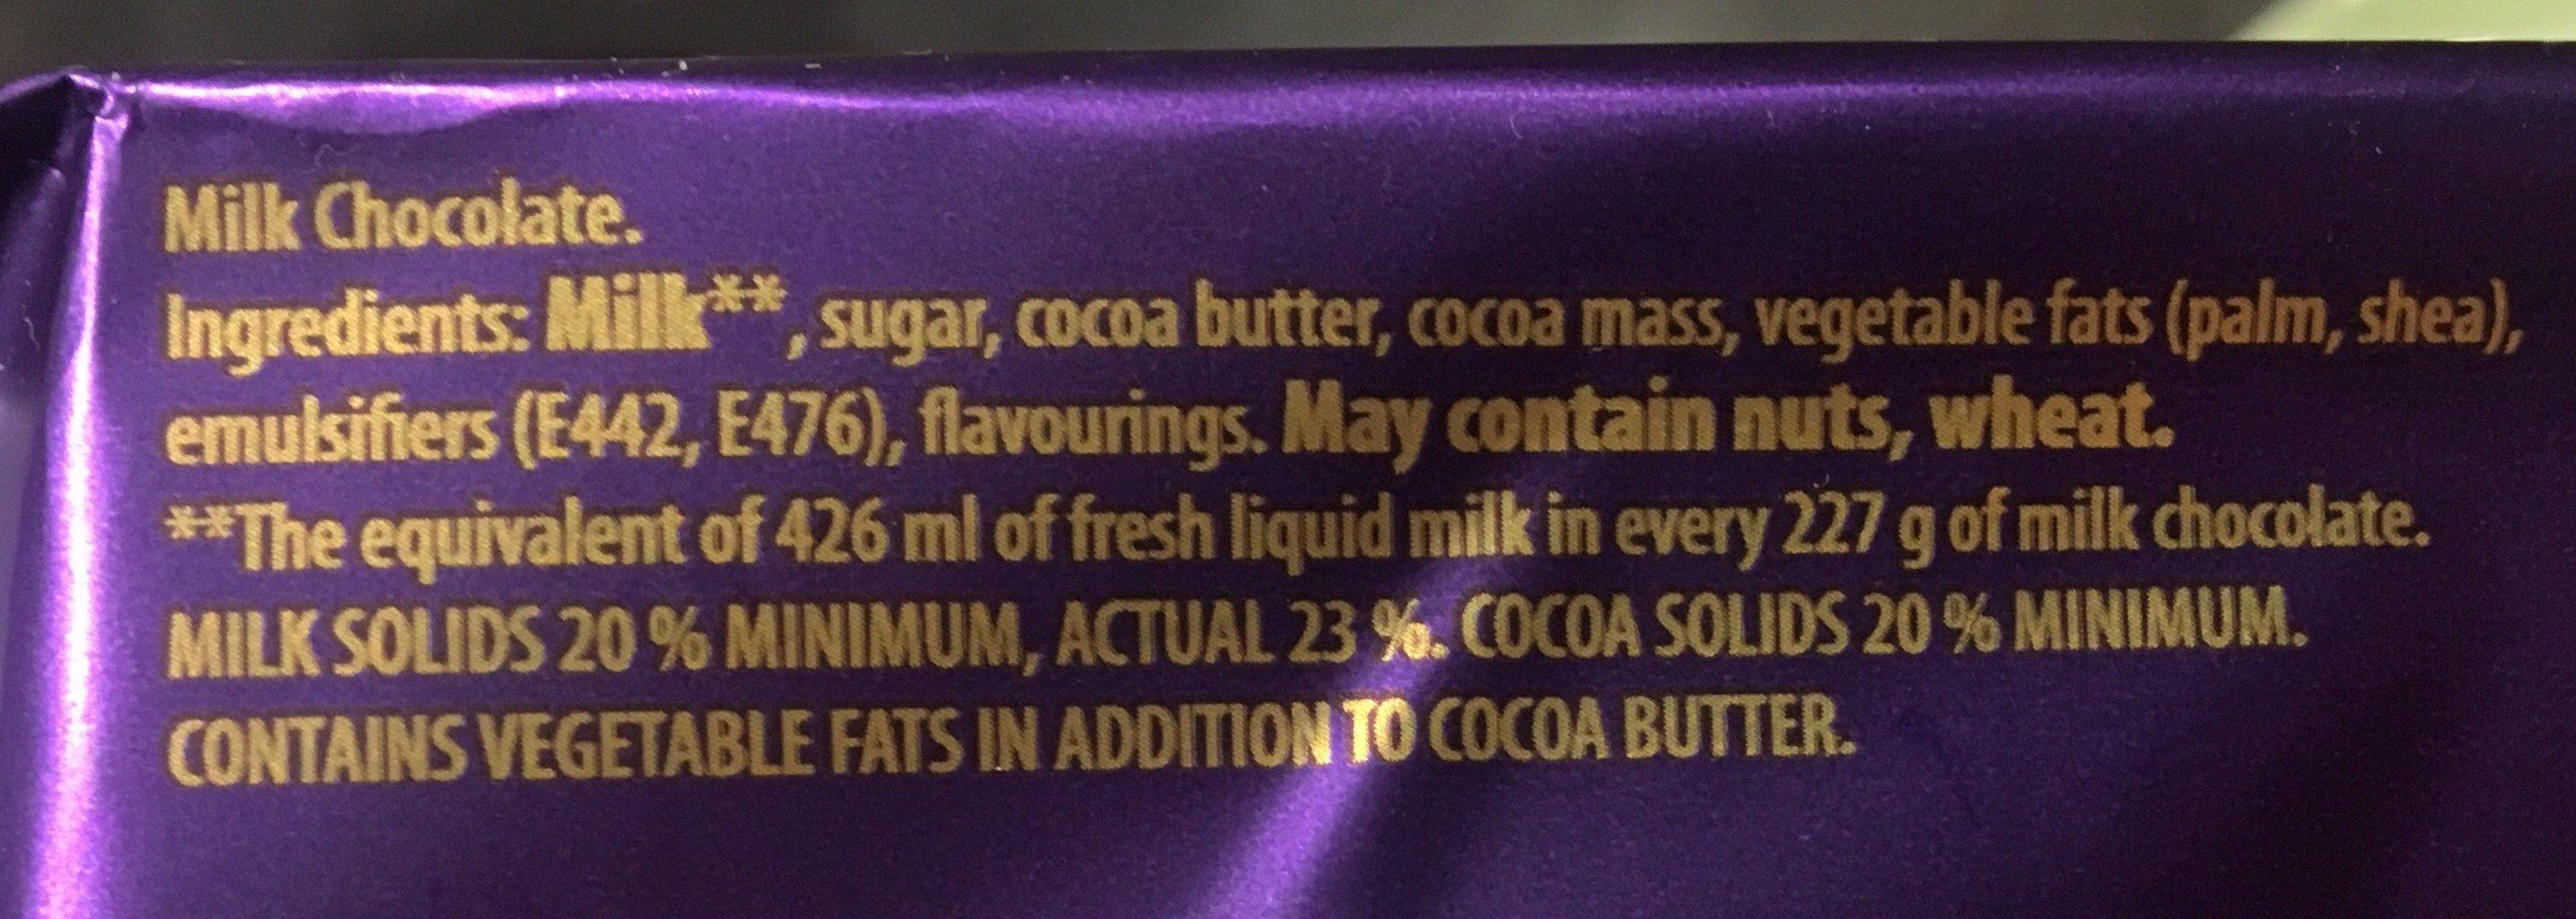 Dairy milk chocolate bar - Ingredients - en